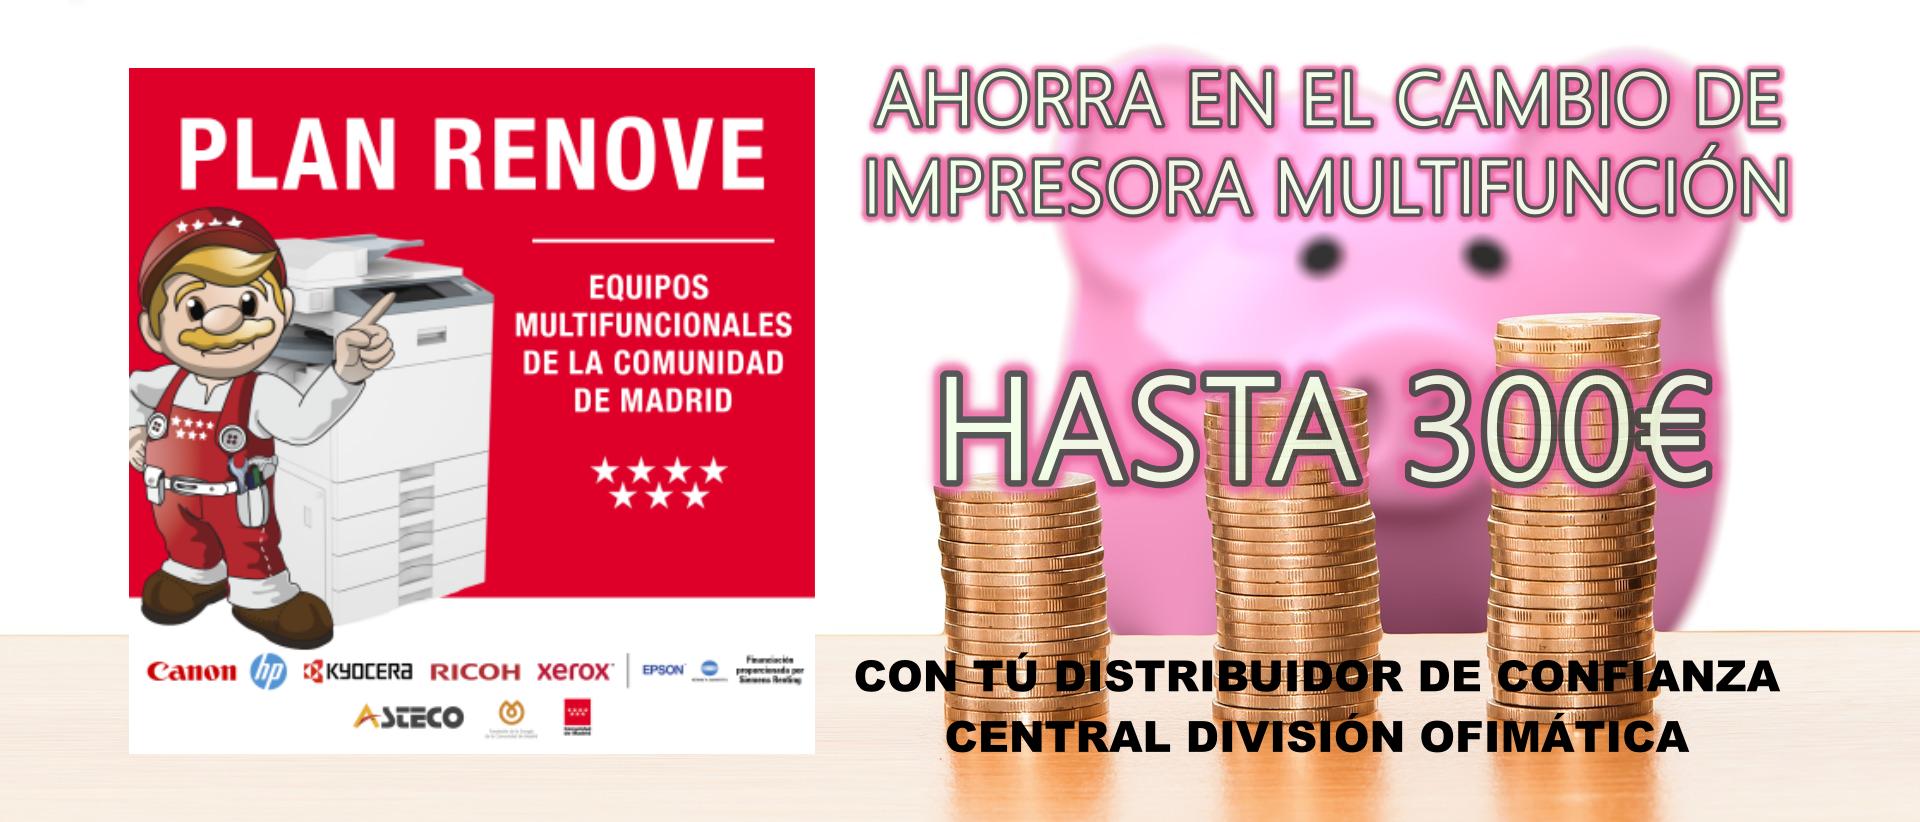 PLAN RENOVE DE EQUIPOS MULTIFUNCIÓN DE LA COMUNIDAD DE MADRID